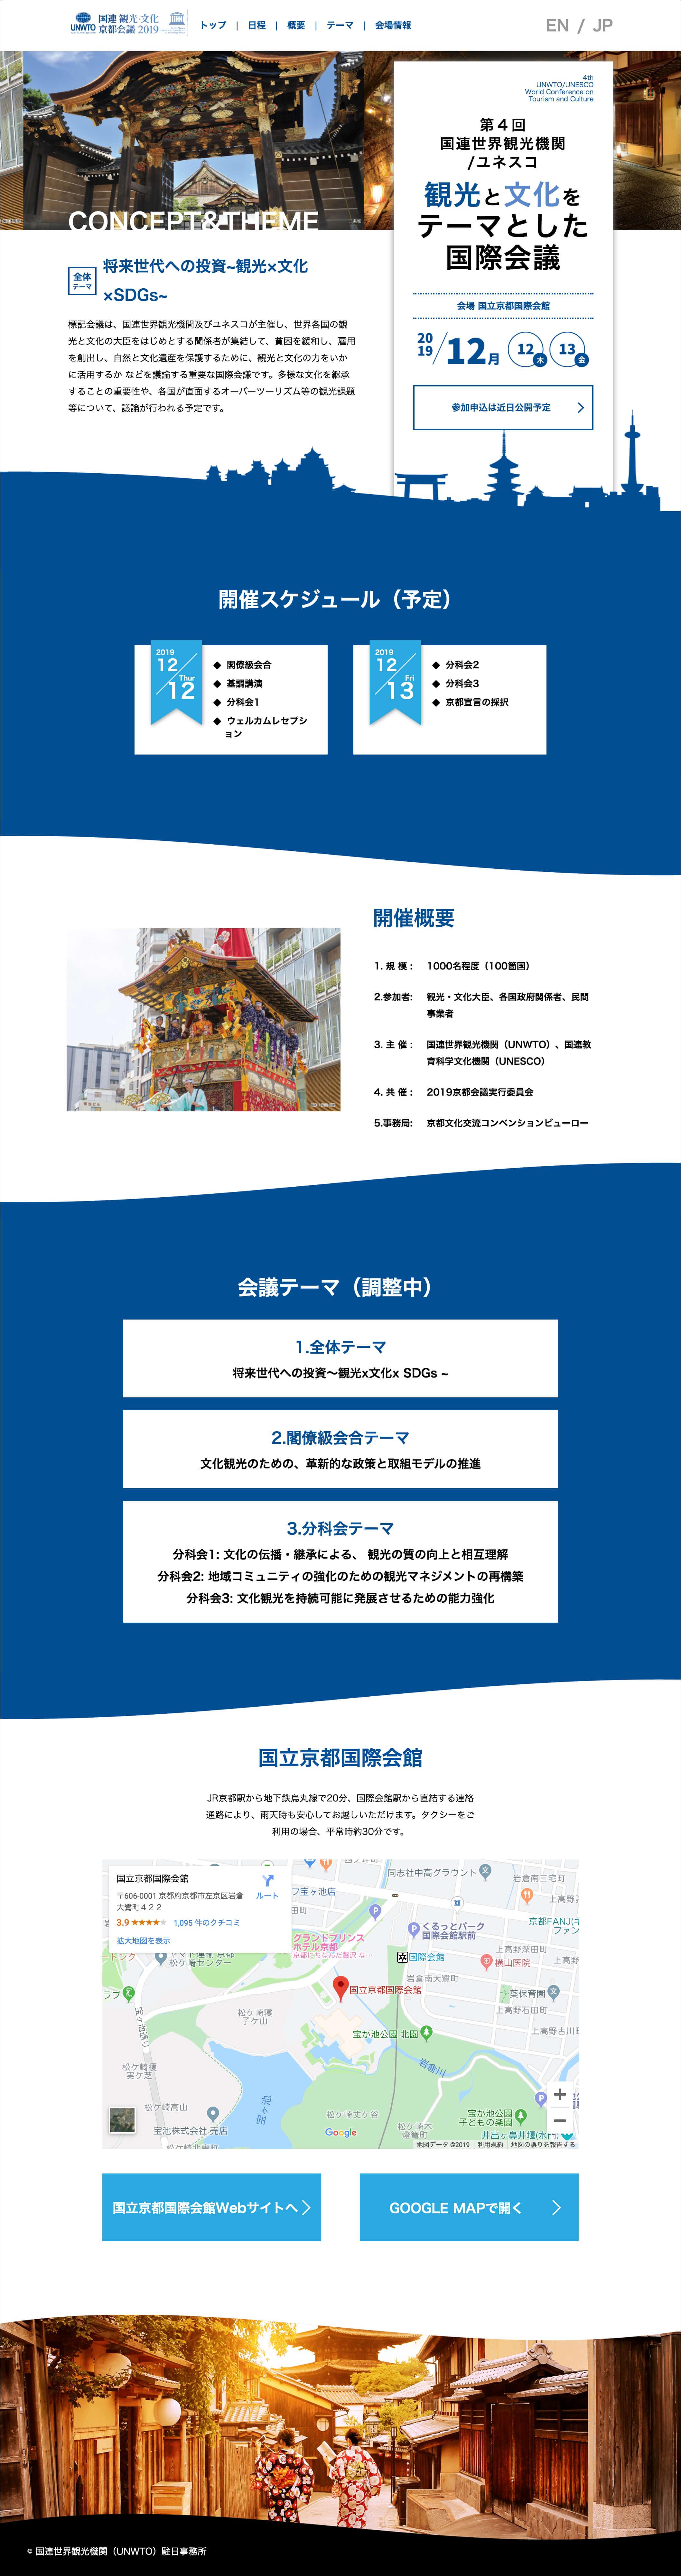 京都会議2019 LP